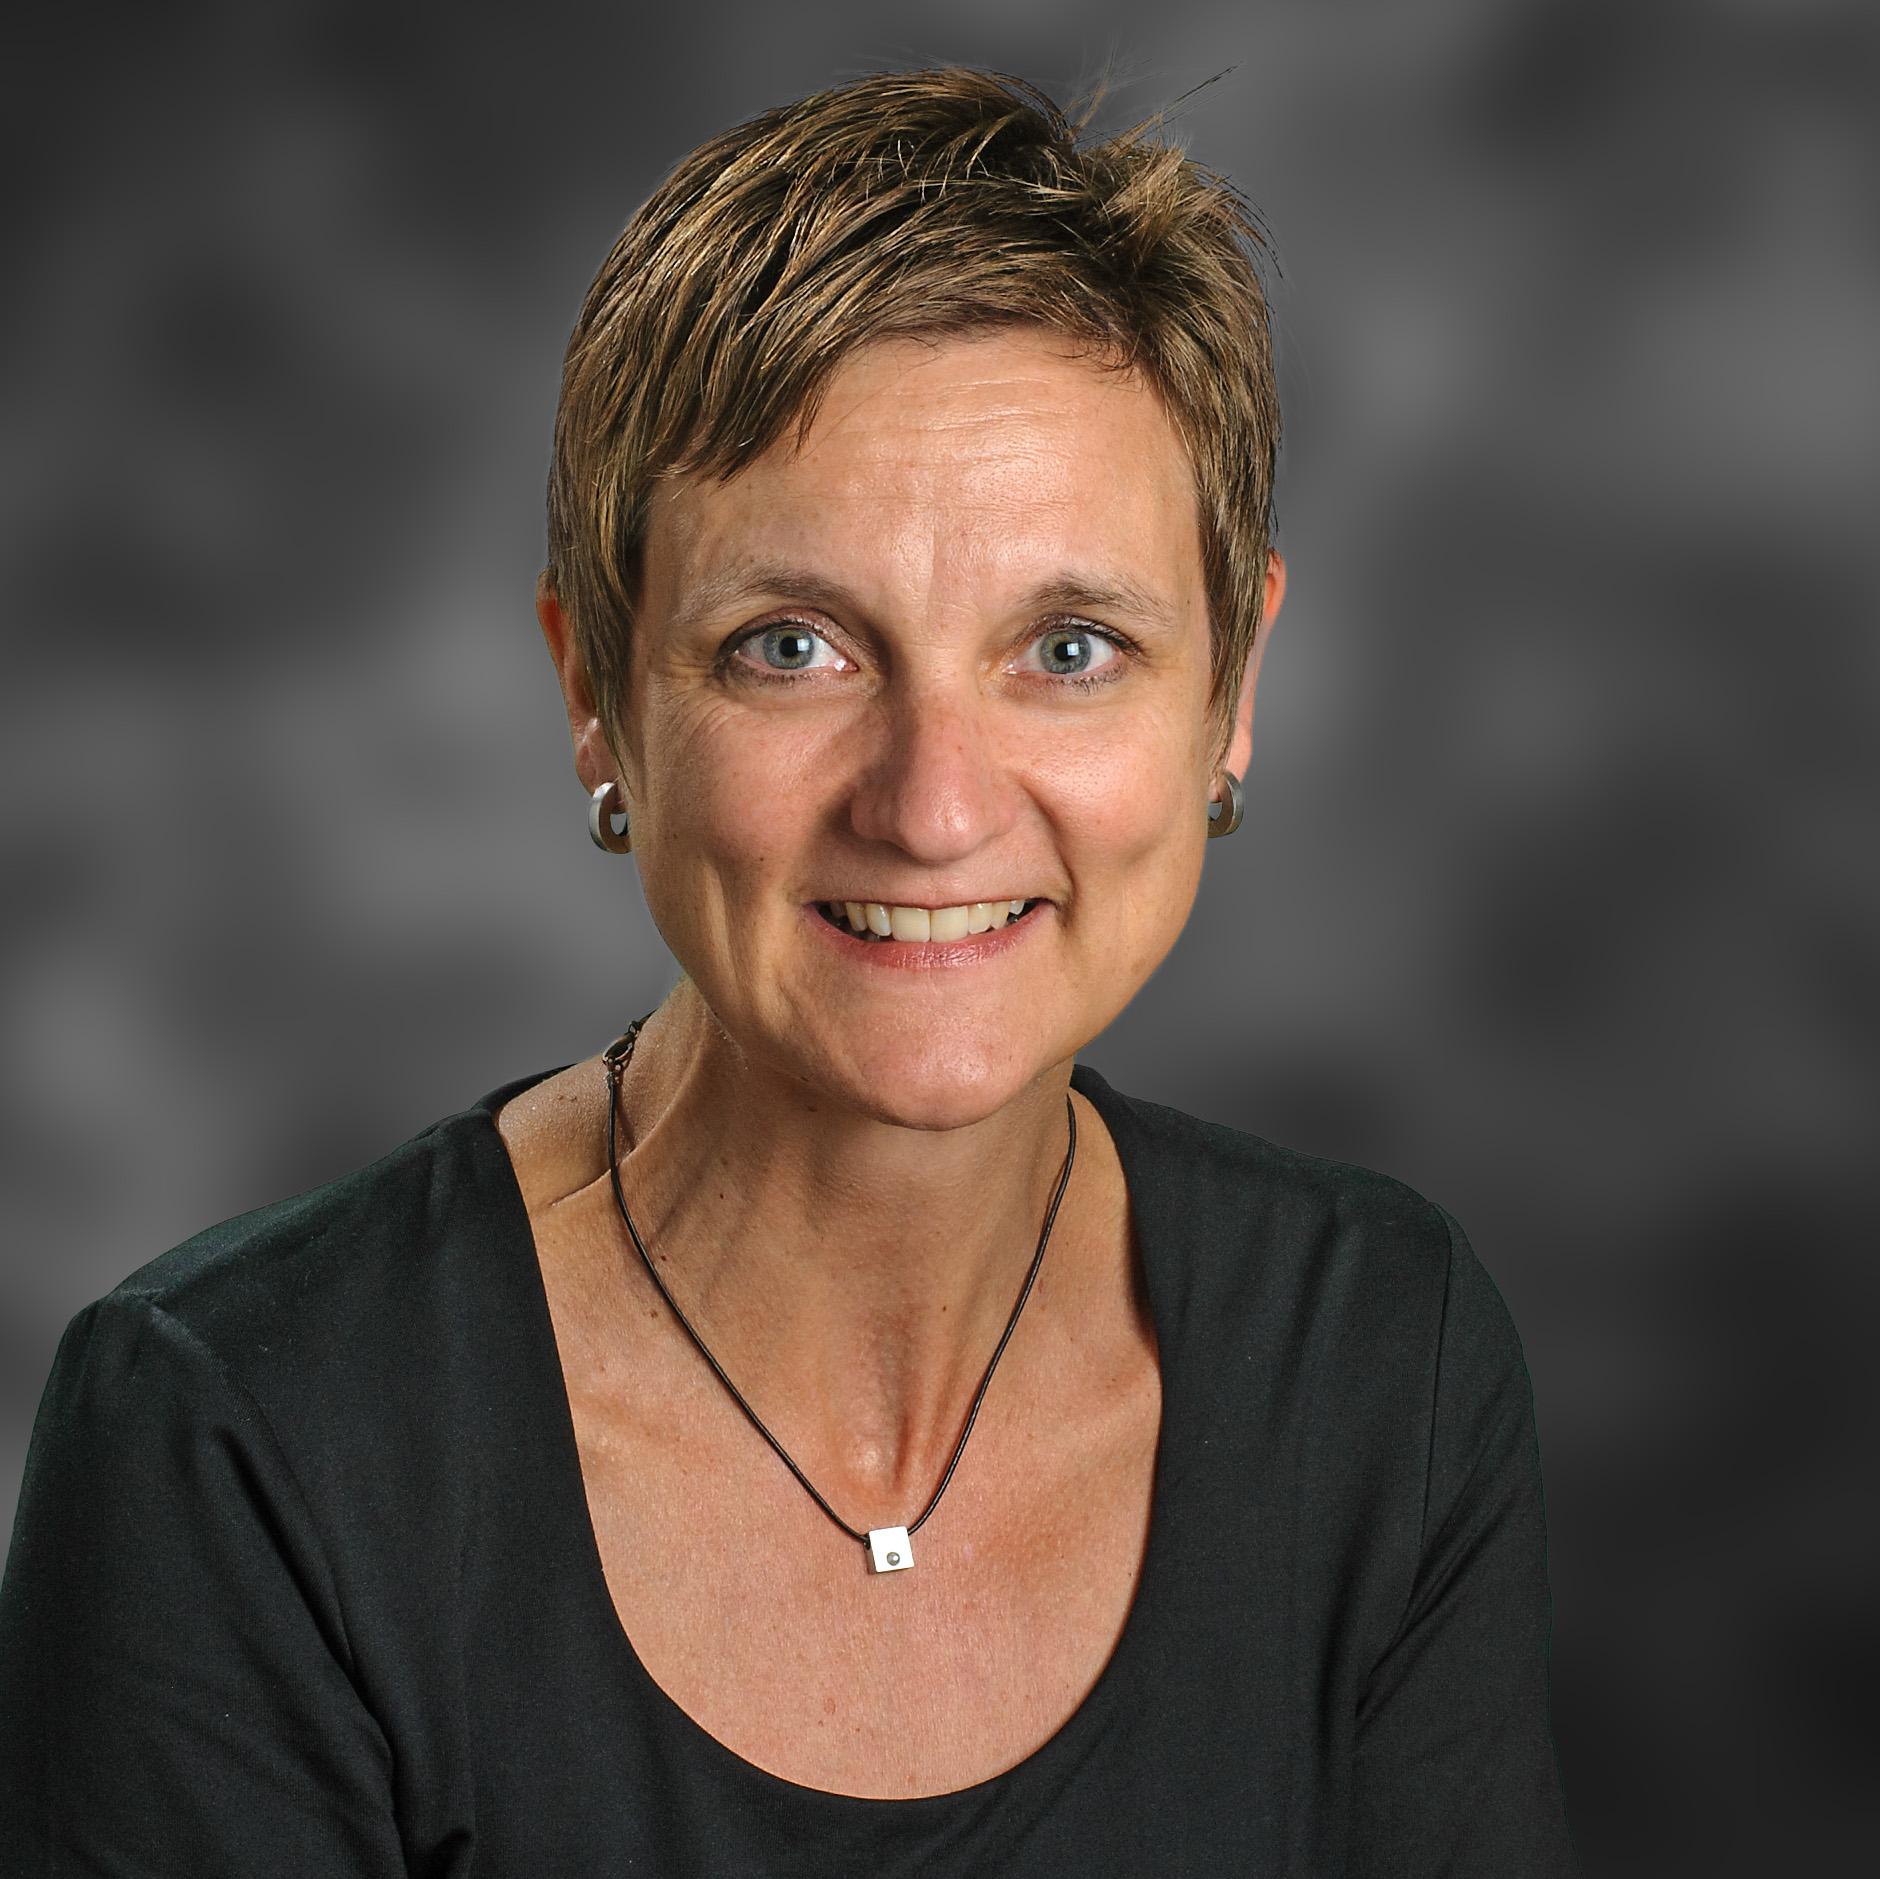 Kerstin Hanisch